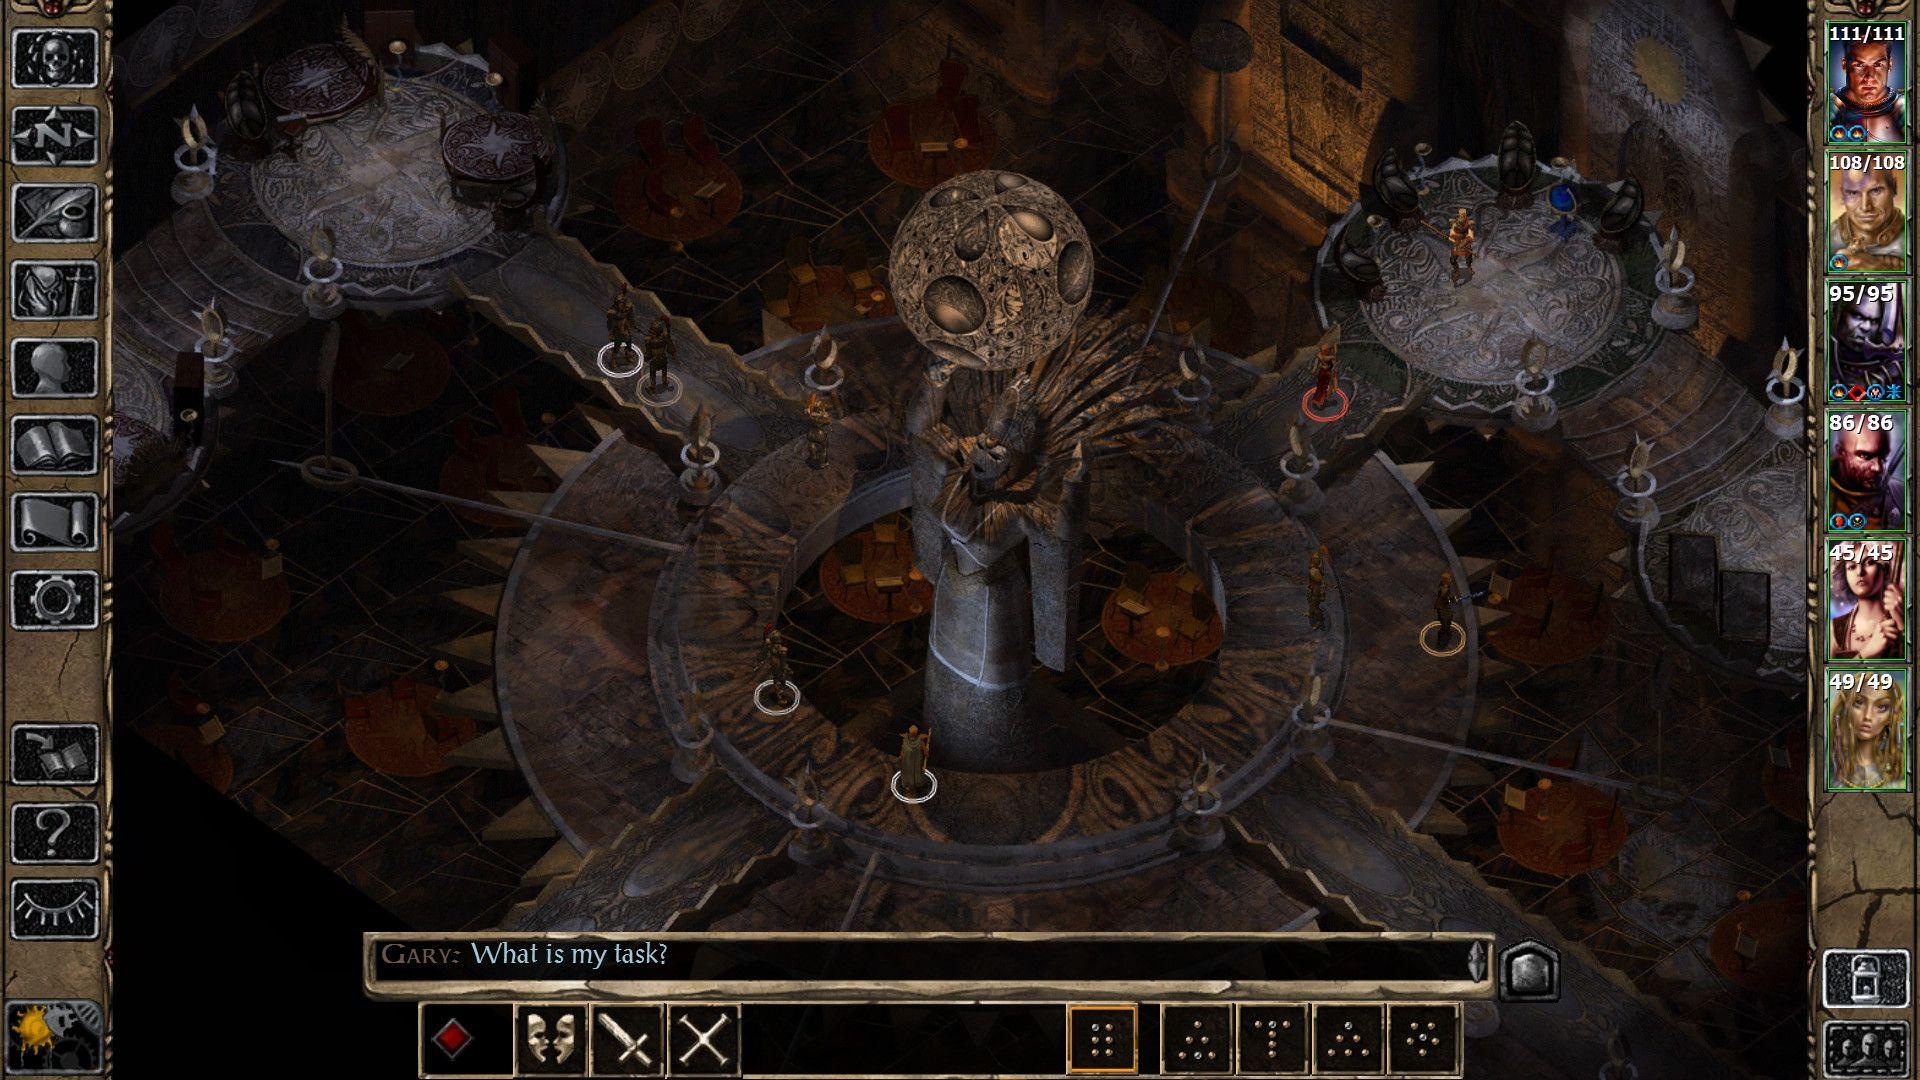 Baldurs Gate - Enhanced Edition (PC) - 10